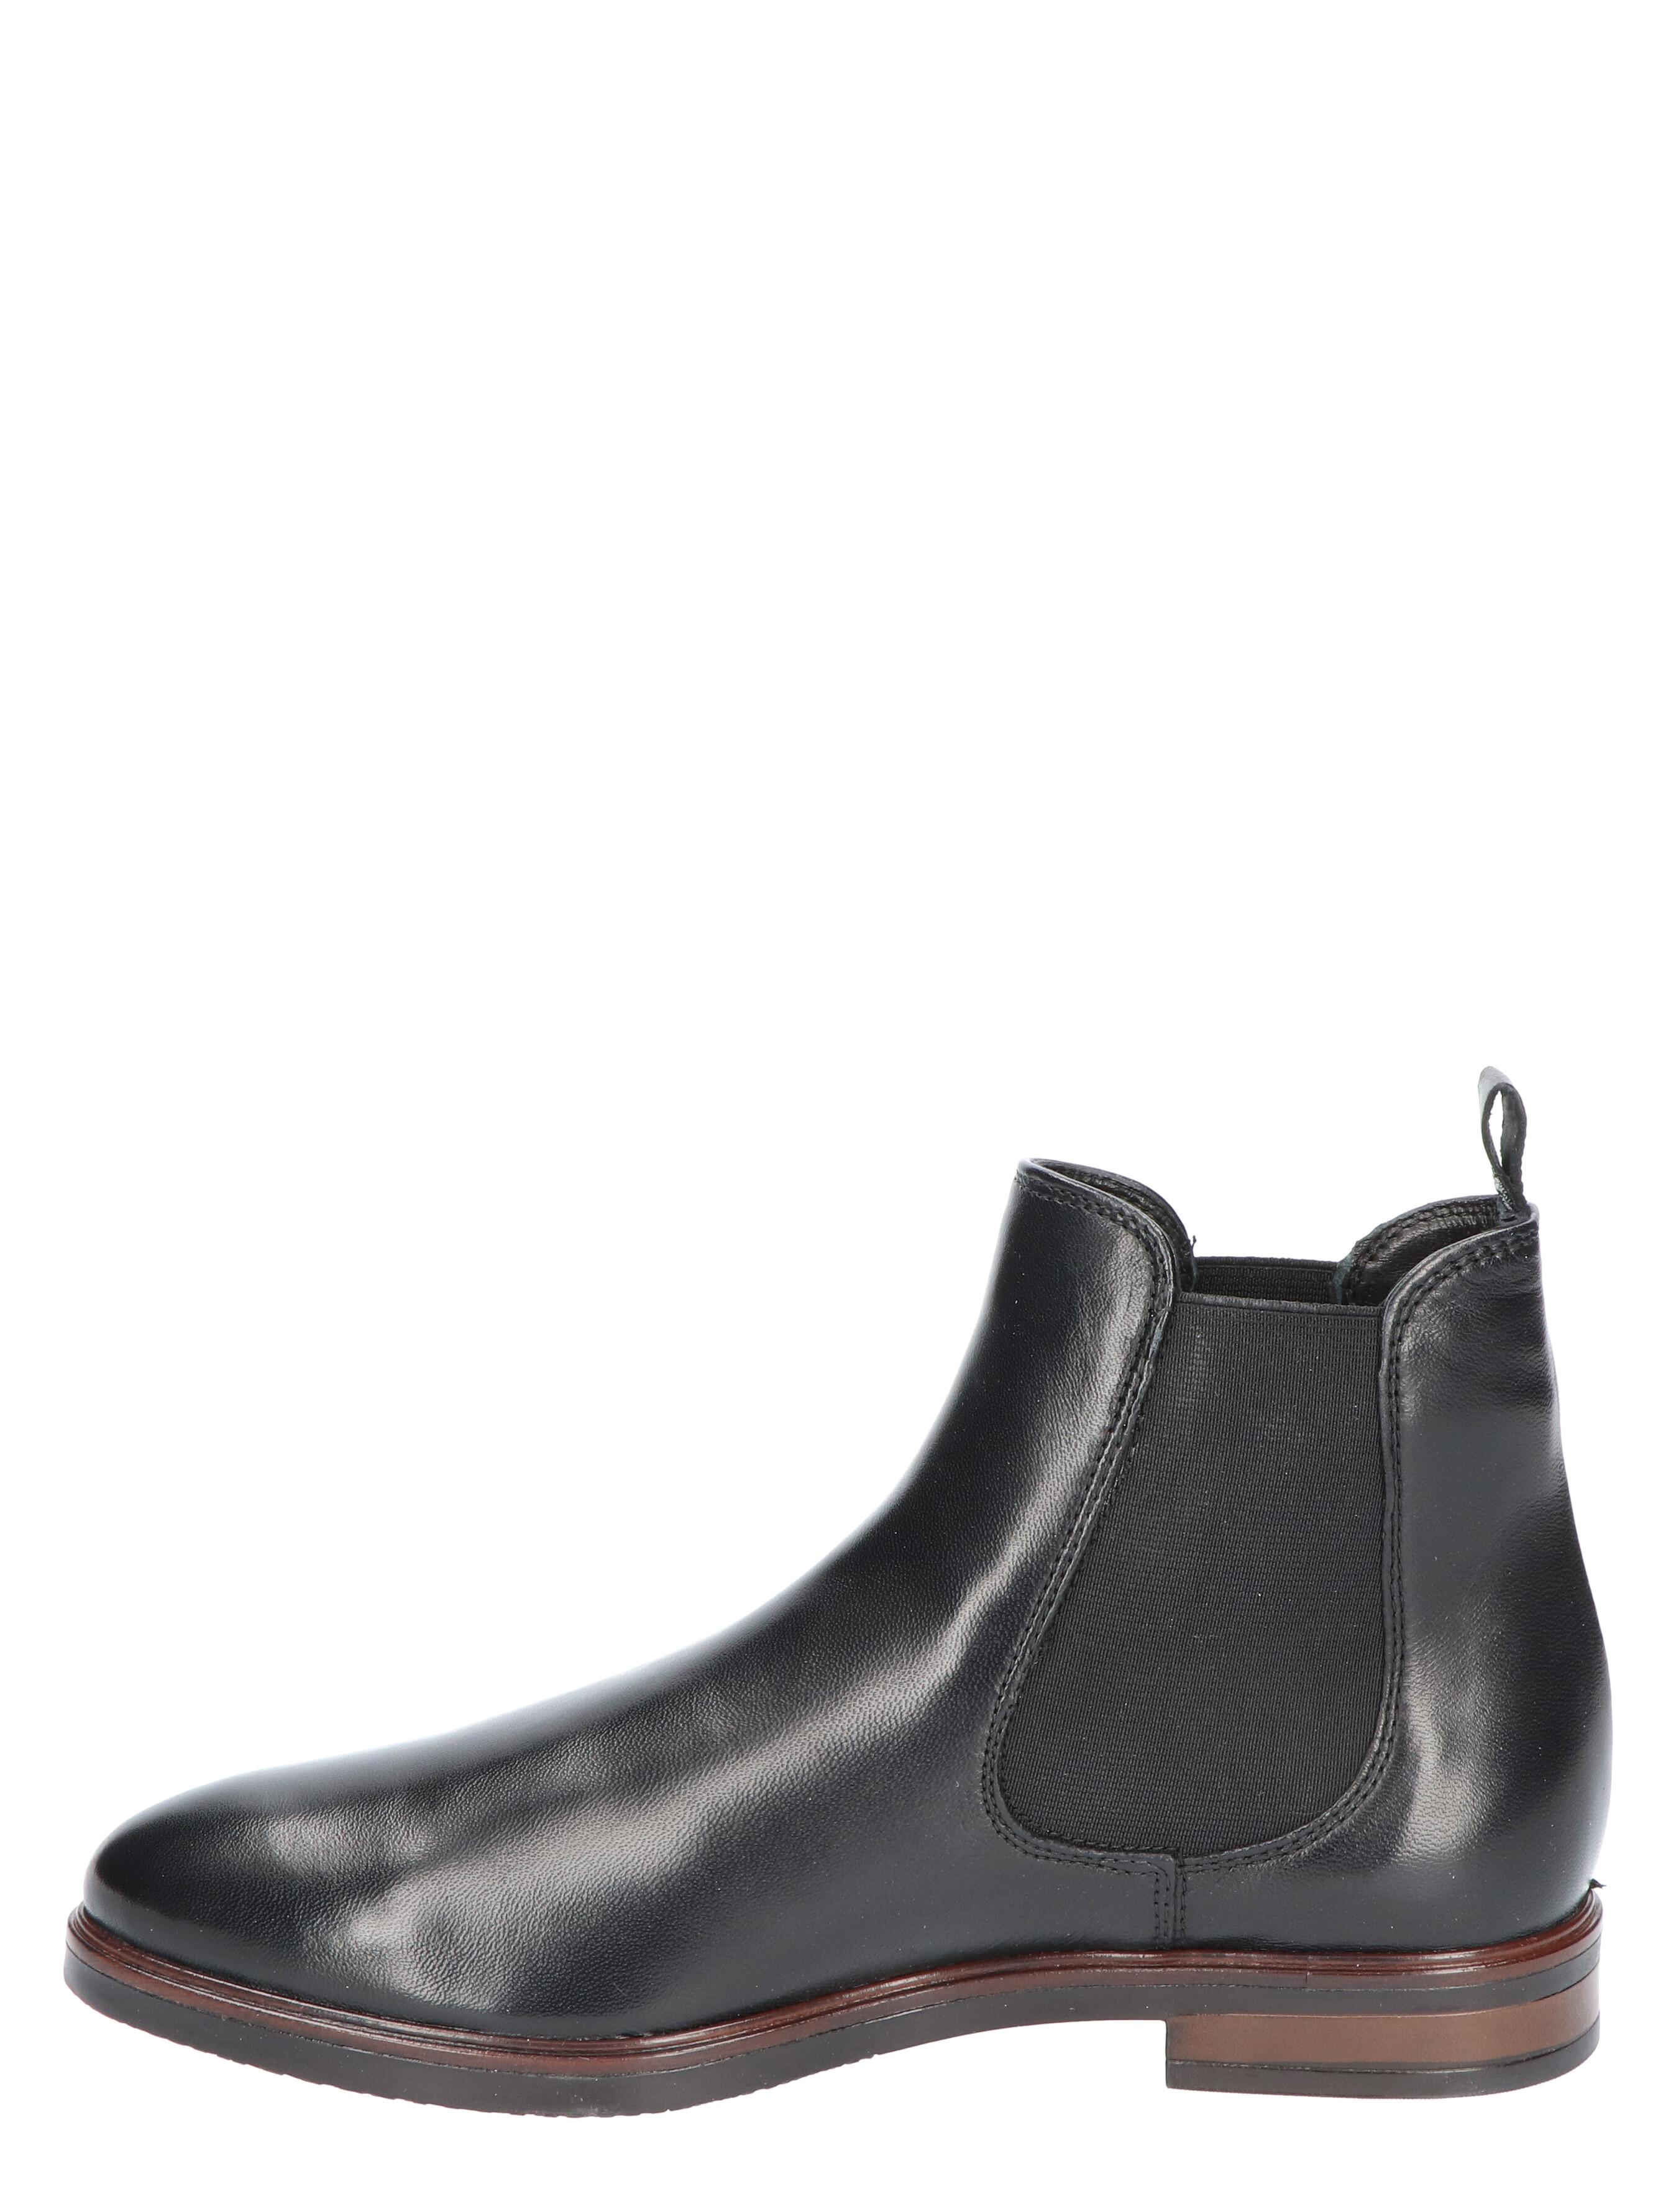 Gioia Chelsea Guardolo Nero Chelsea boots